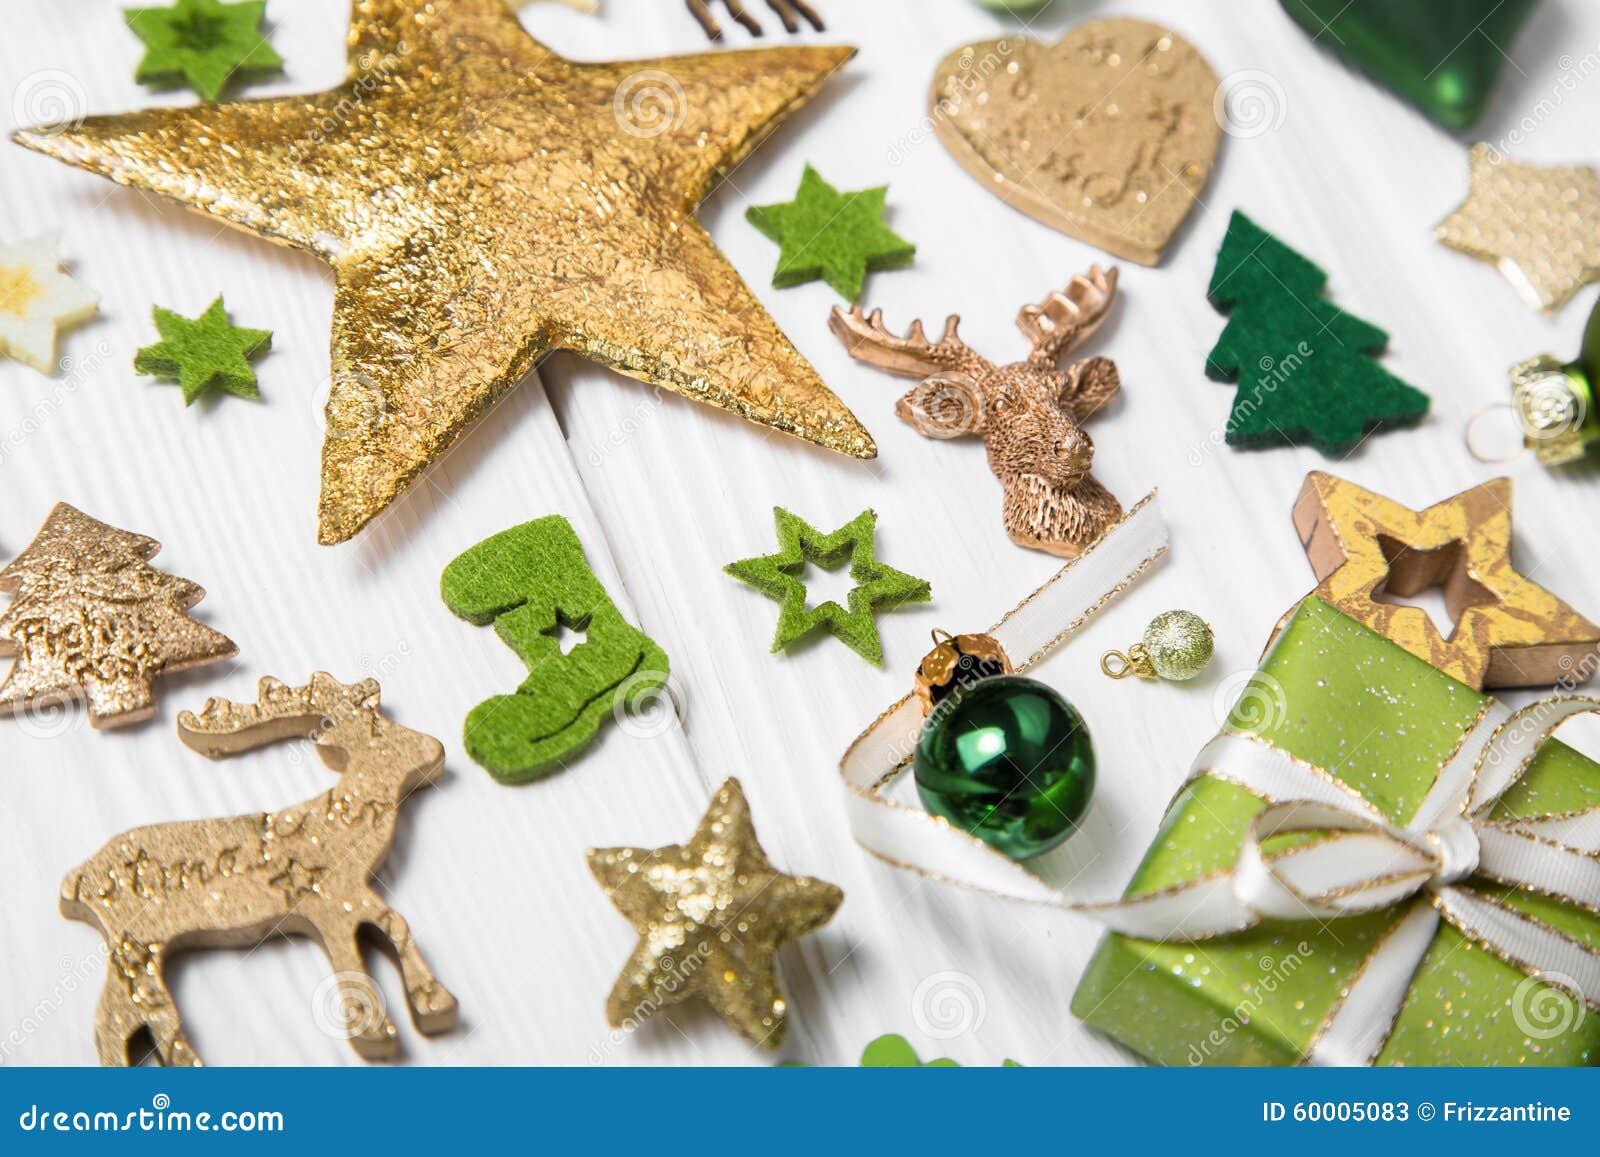 Εορταστική διακόσμηση Χριστουγέννων ανοικτό πράσινο, άσπρο και χρυσό σε ομο